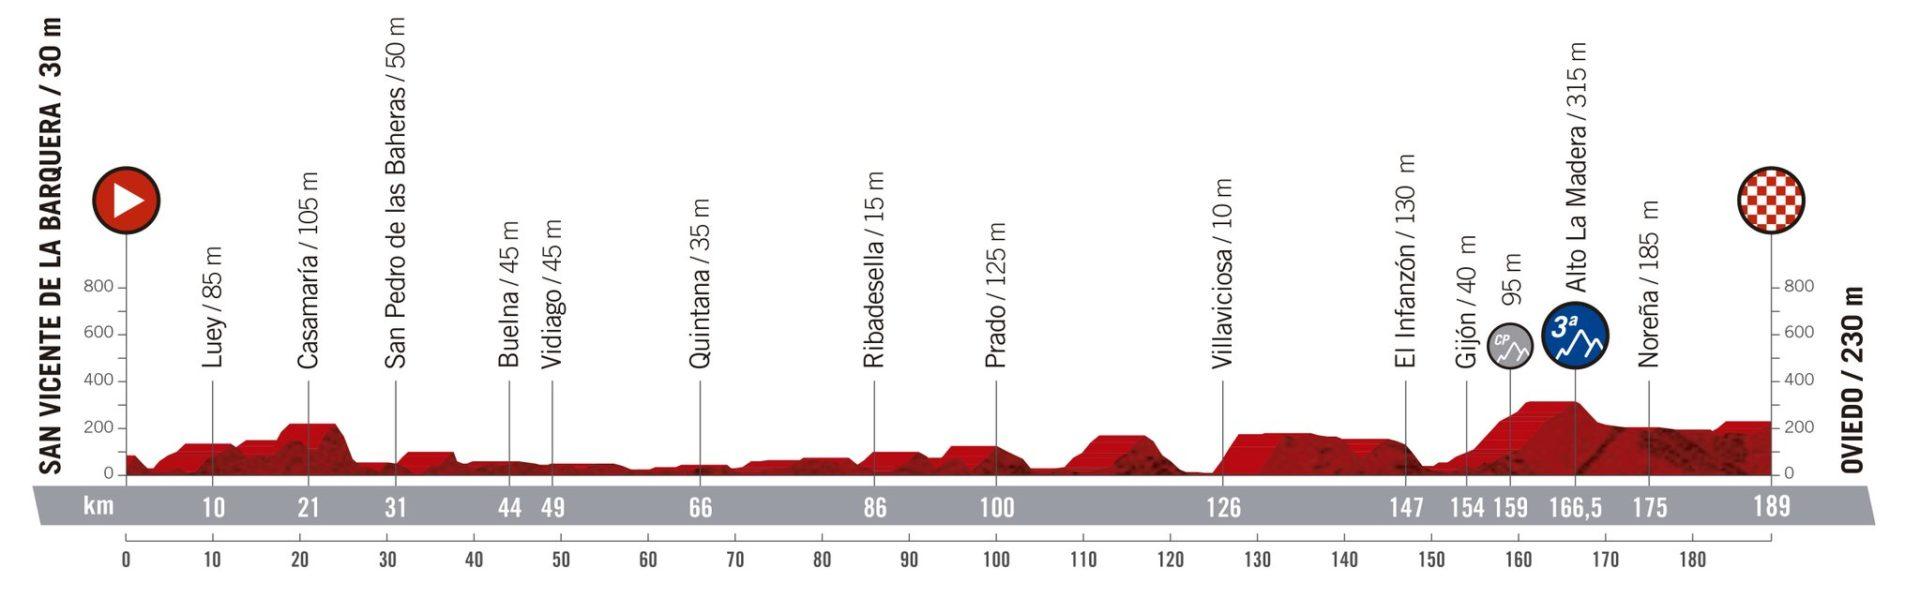 SanVicente de laBarquera - Oviedo. La Vuelta 2019